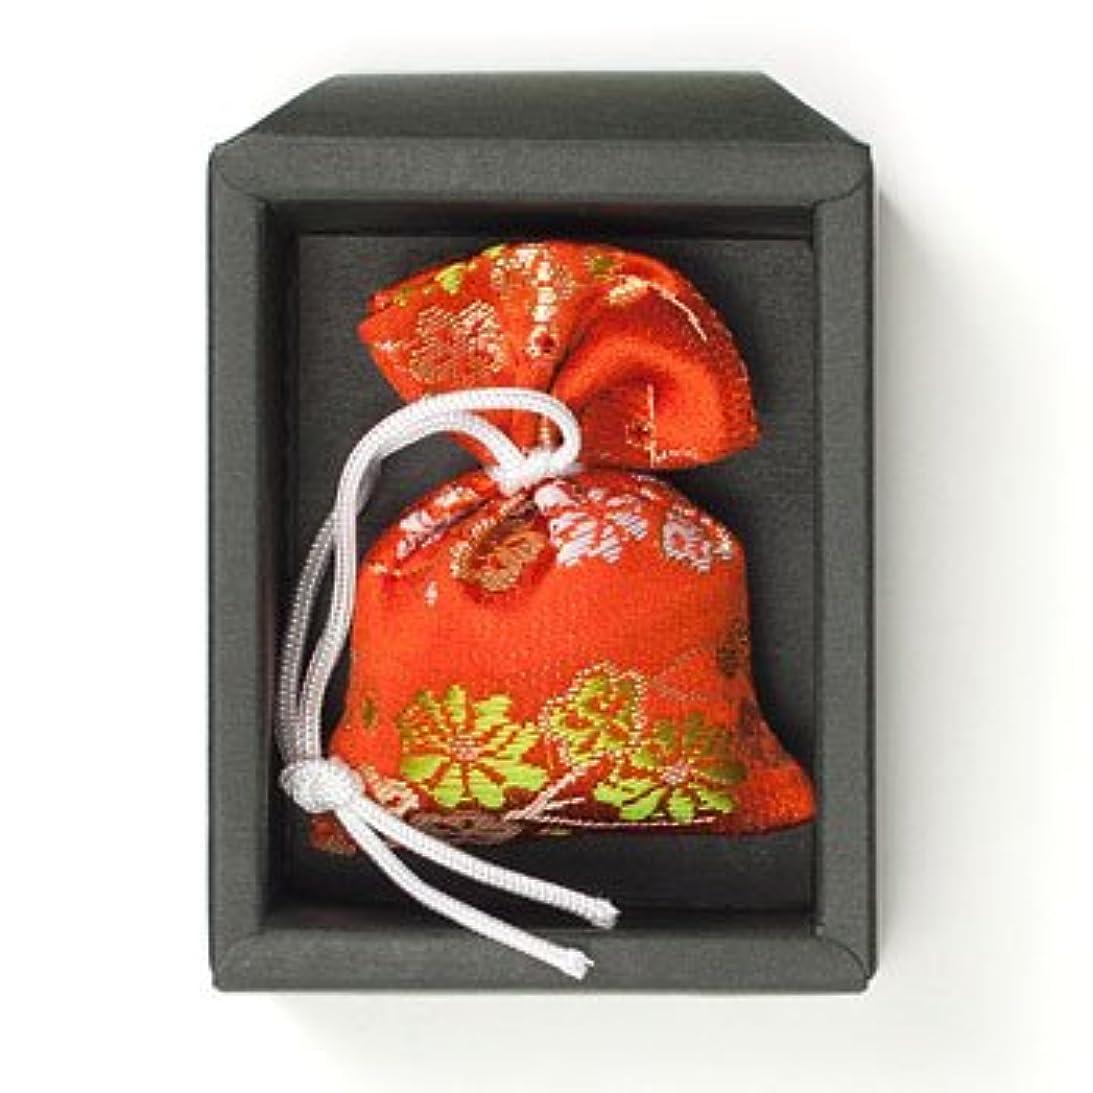 できれば絶滅間に合わせ匂い袋 誰が袖 極品 1個入 松栄堂 Shoyeido 本体長さ60mm (色?柄は選べません)